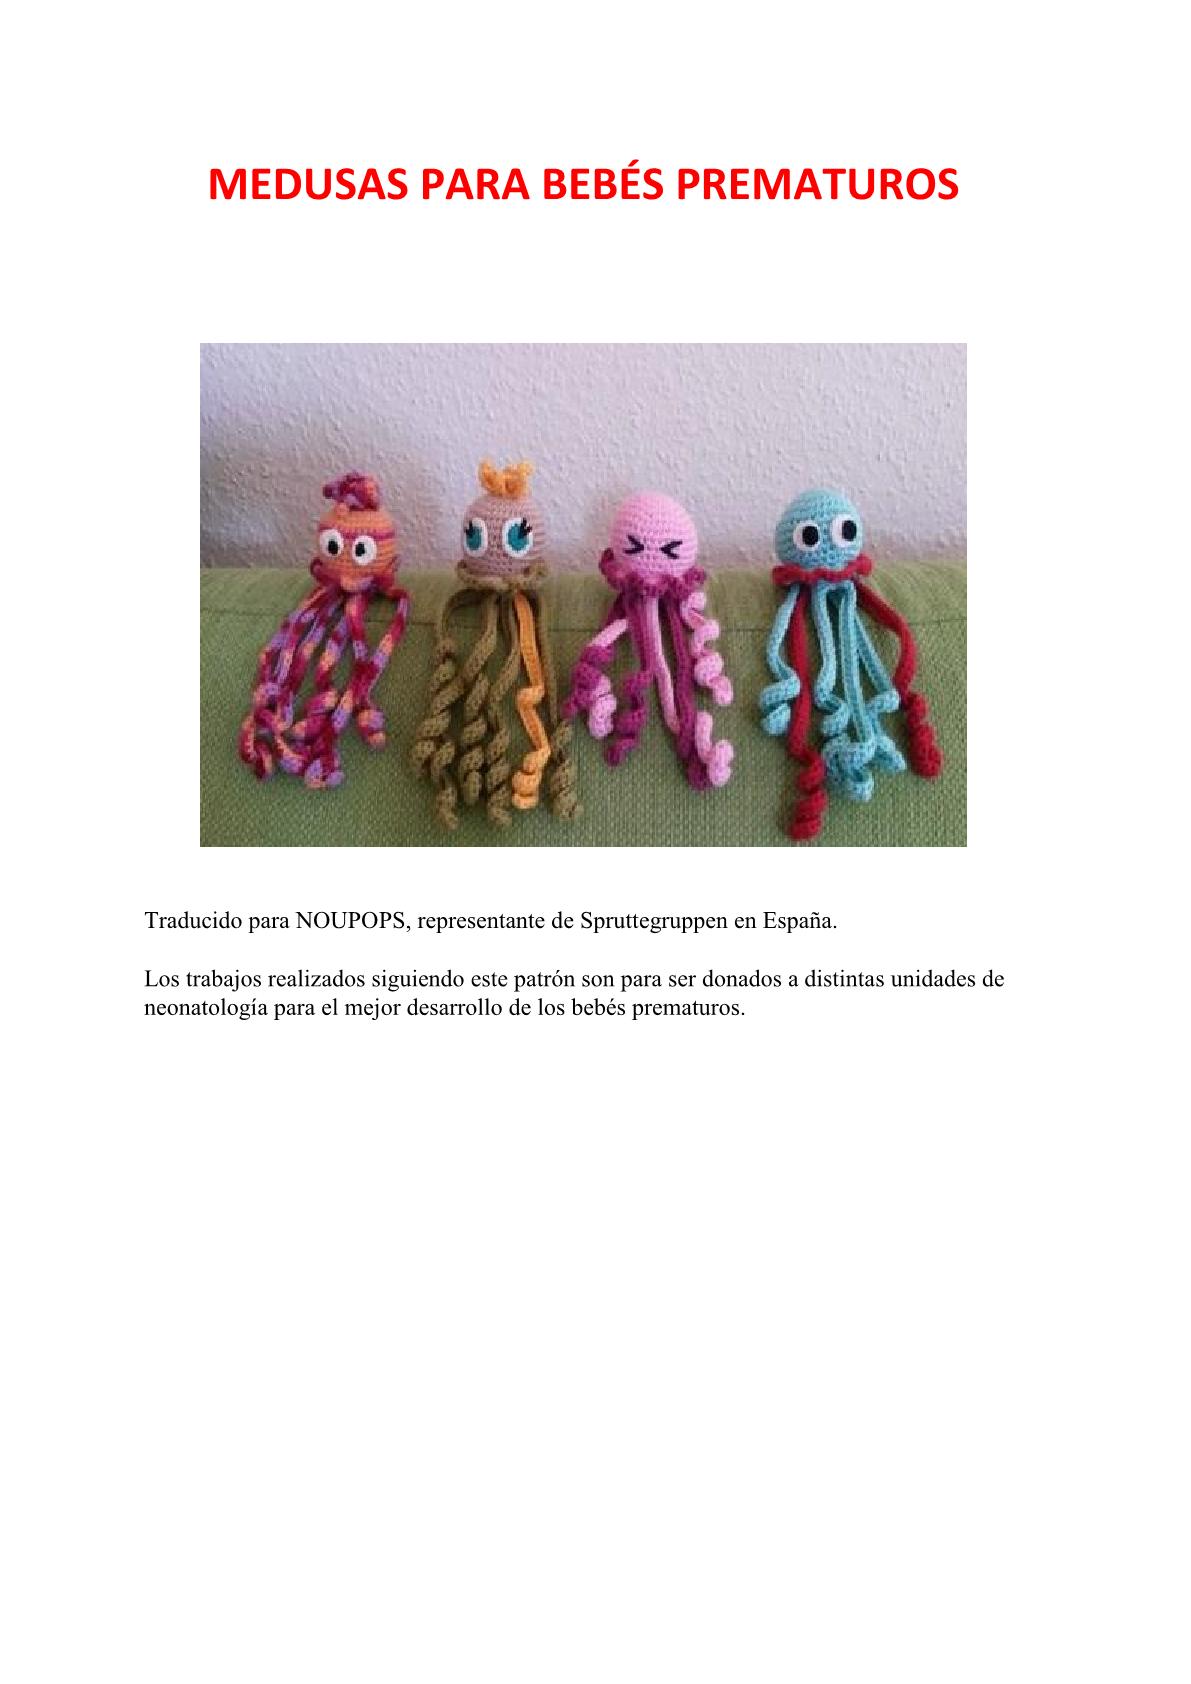 Pulpitos para bebés prematuros | Spruttegruppen | Ganchillo ...